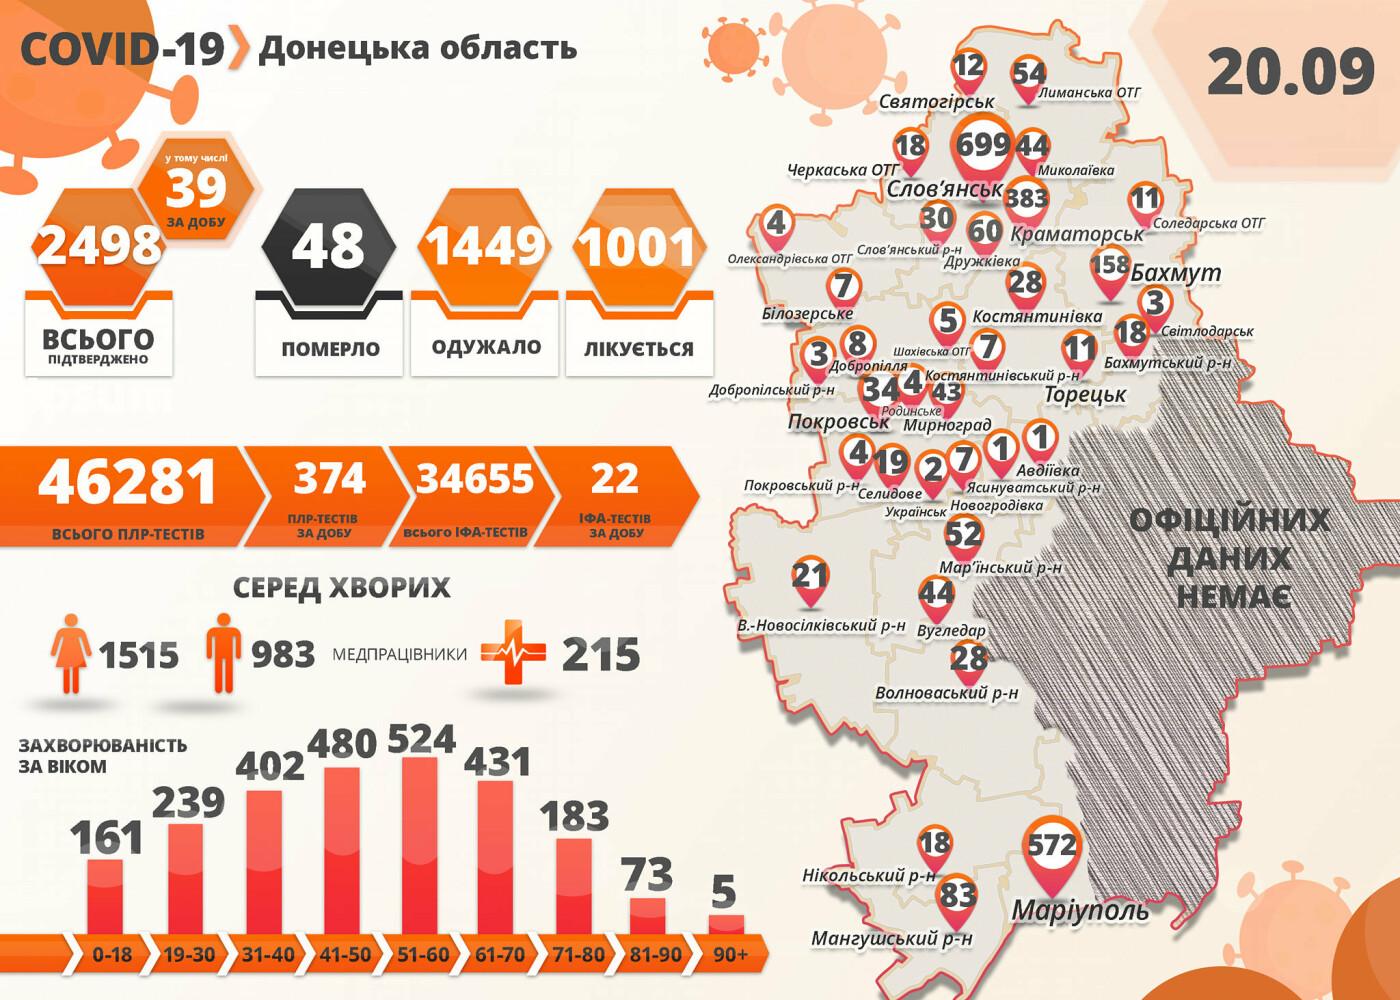 В Донецкой области за сутки коронавирус унес жизни пяти человек, фото-1